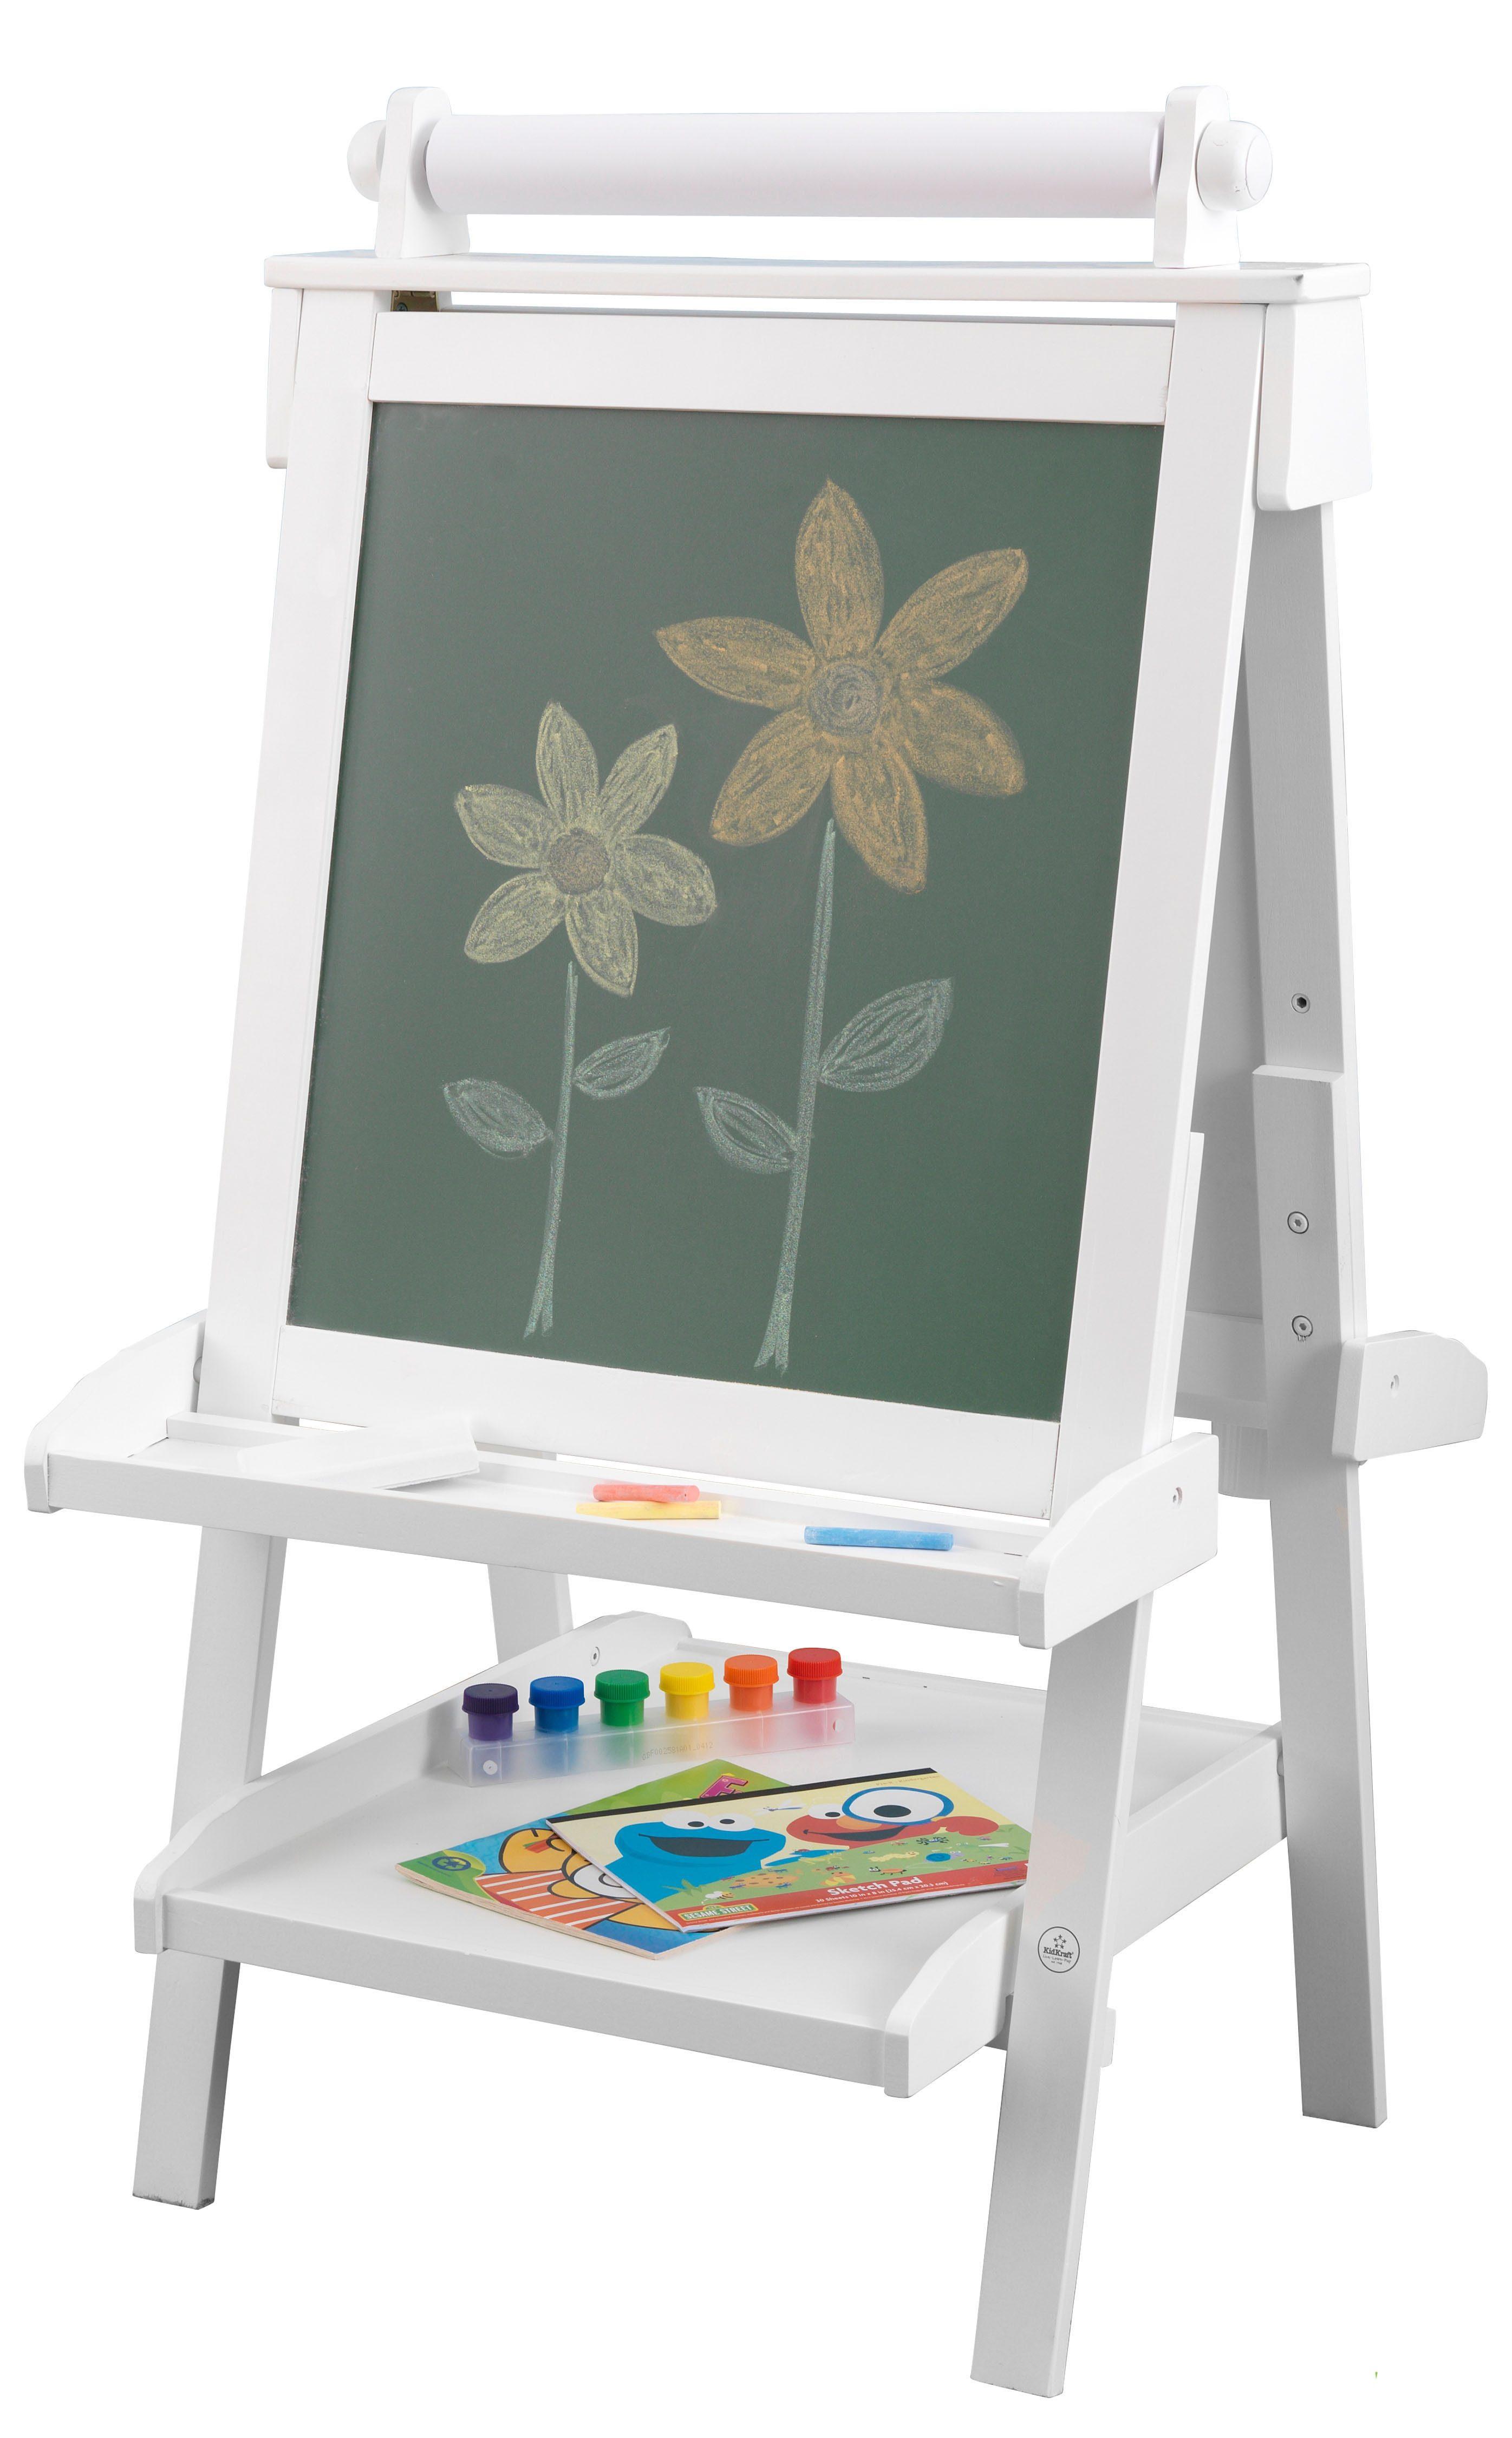 KidKraft® Tafel mit Papierrolle, beidseitig beschreibbar, weiß